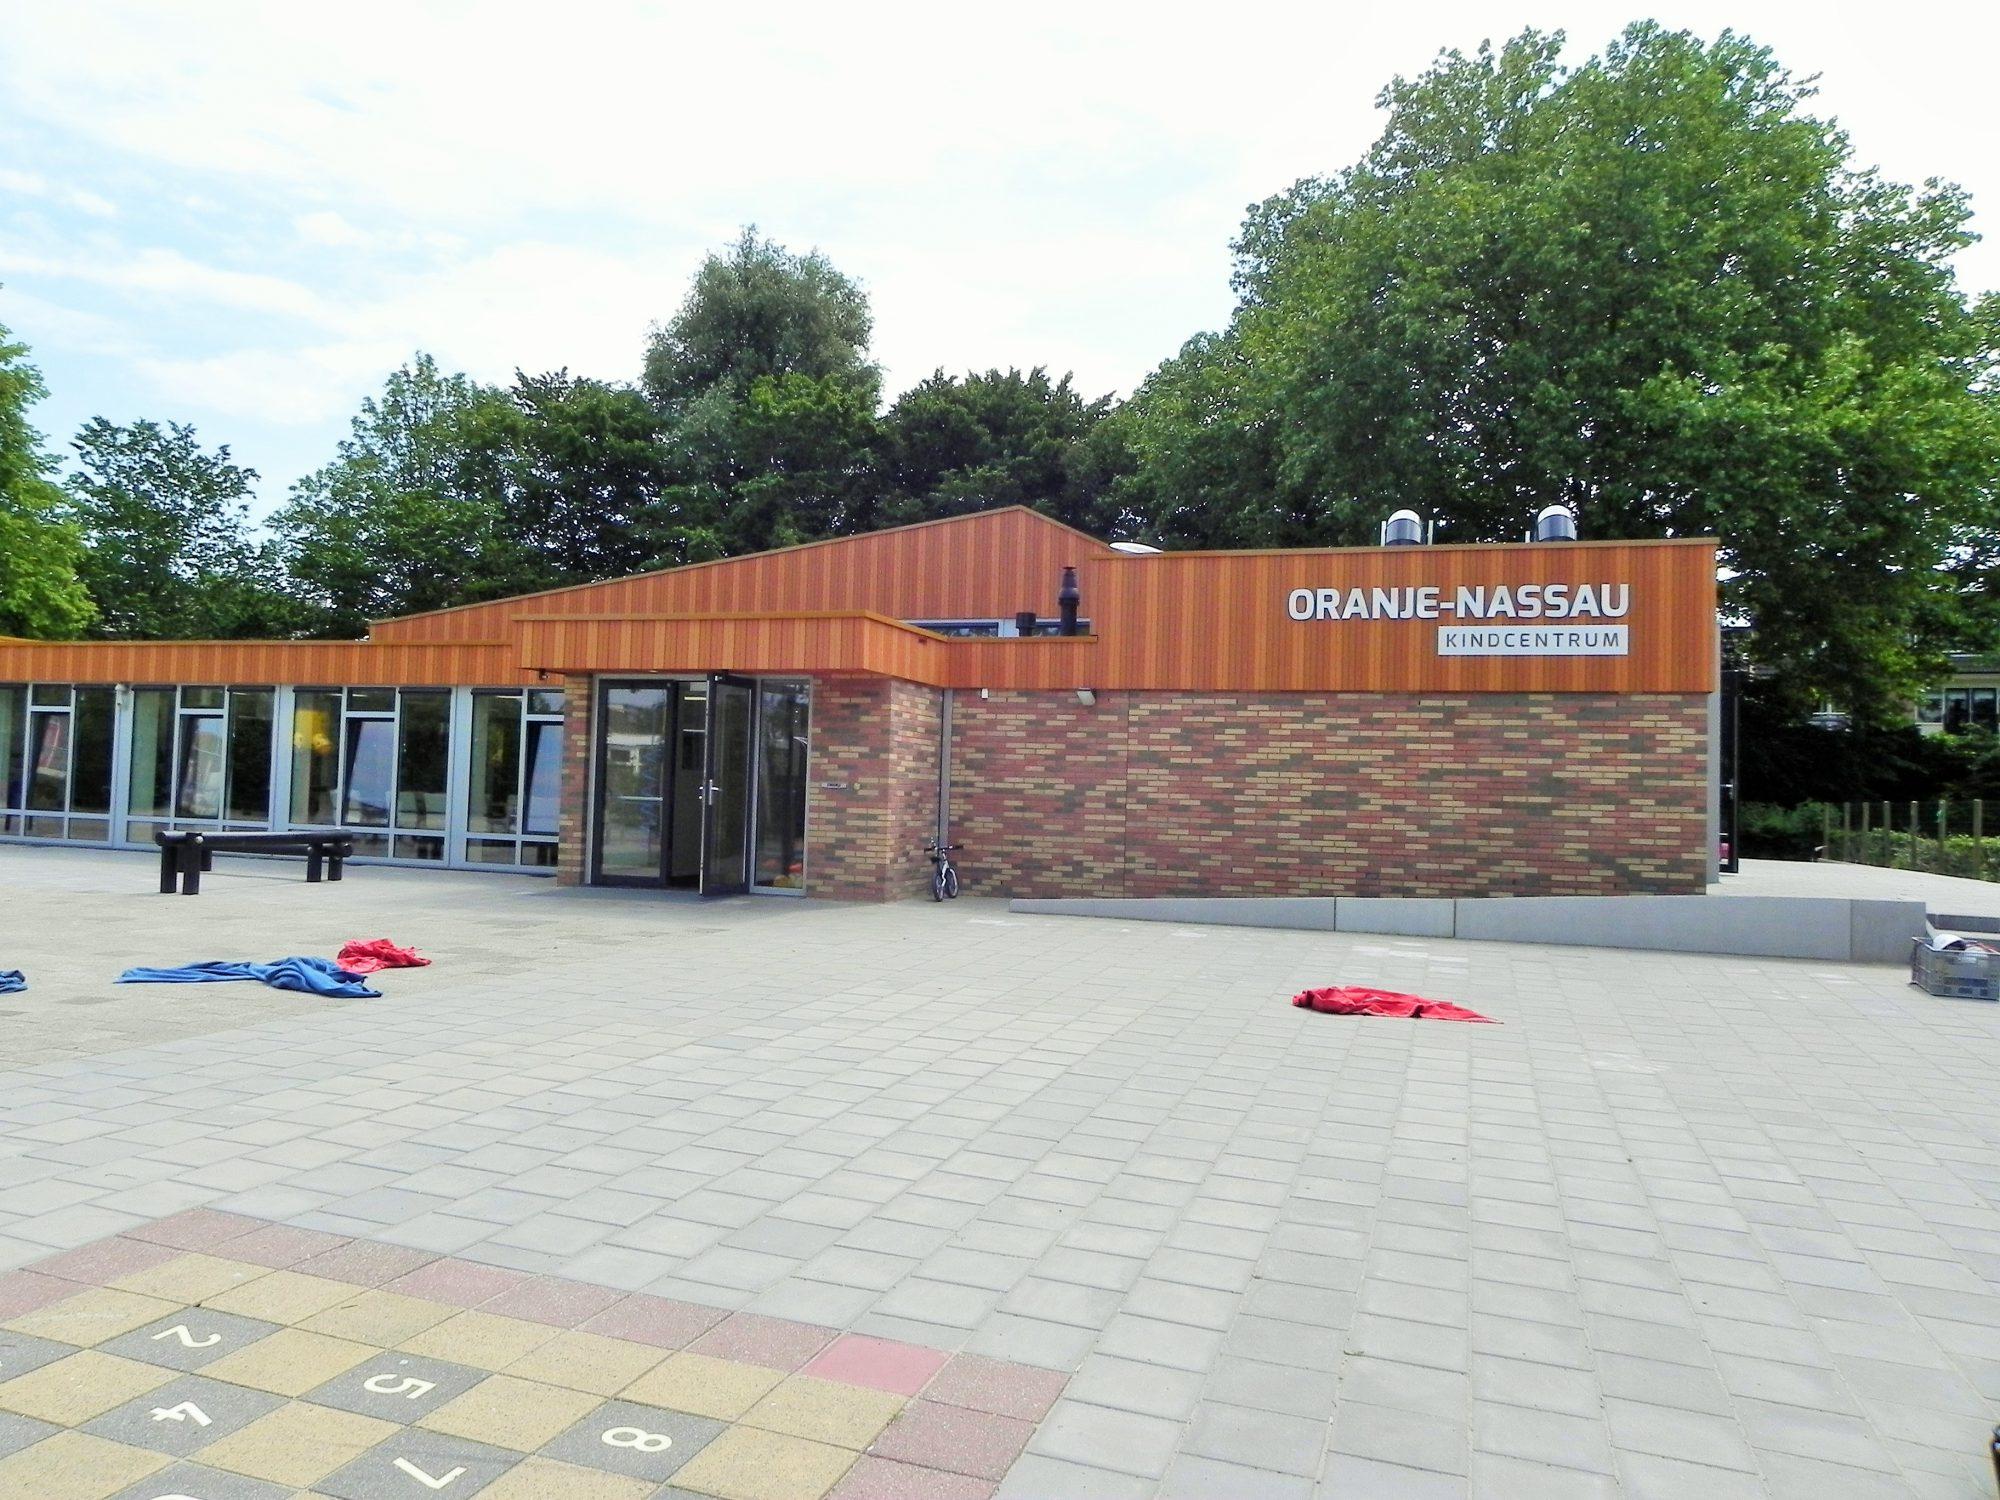 Kindcentrum Oranje-Nassau